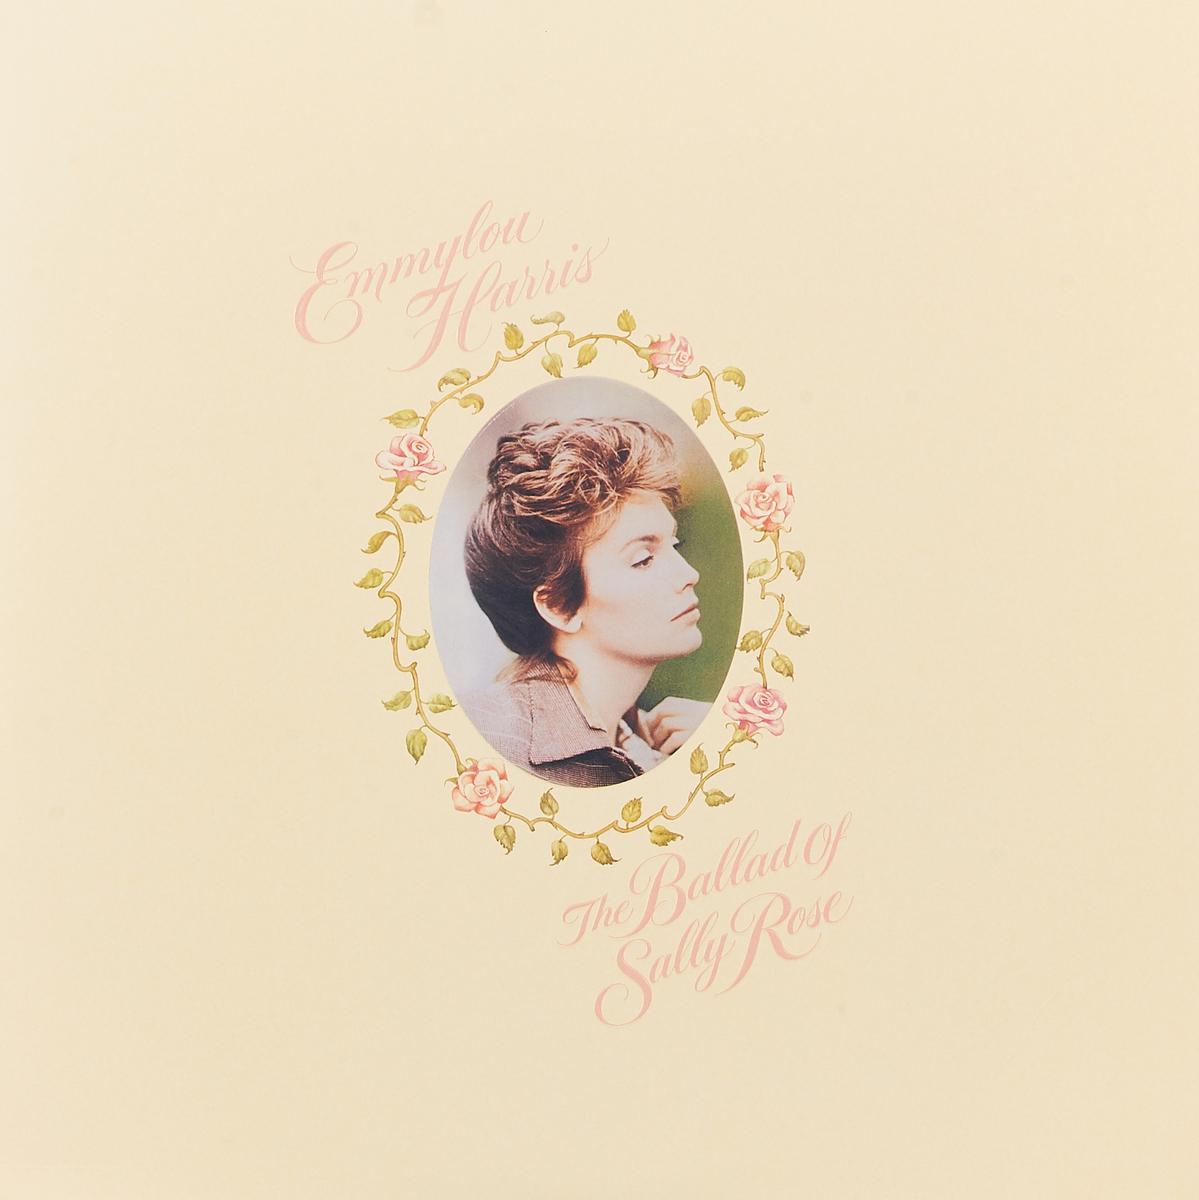 Эммилу Харрис Emmylou Harris. The Ballad Of Sally Rose (2 LP) emmylou harris emmylou harris the traveling kind lp cd